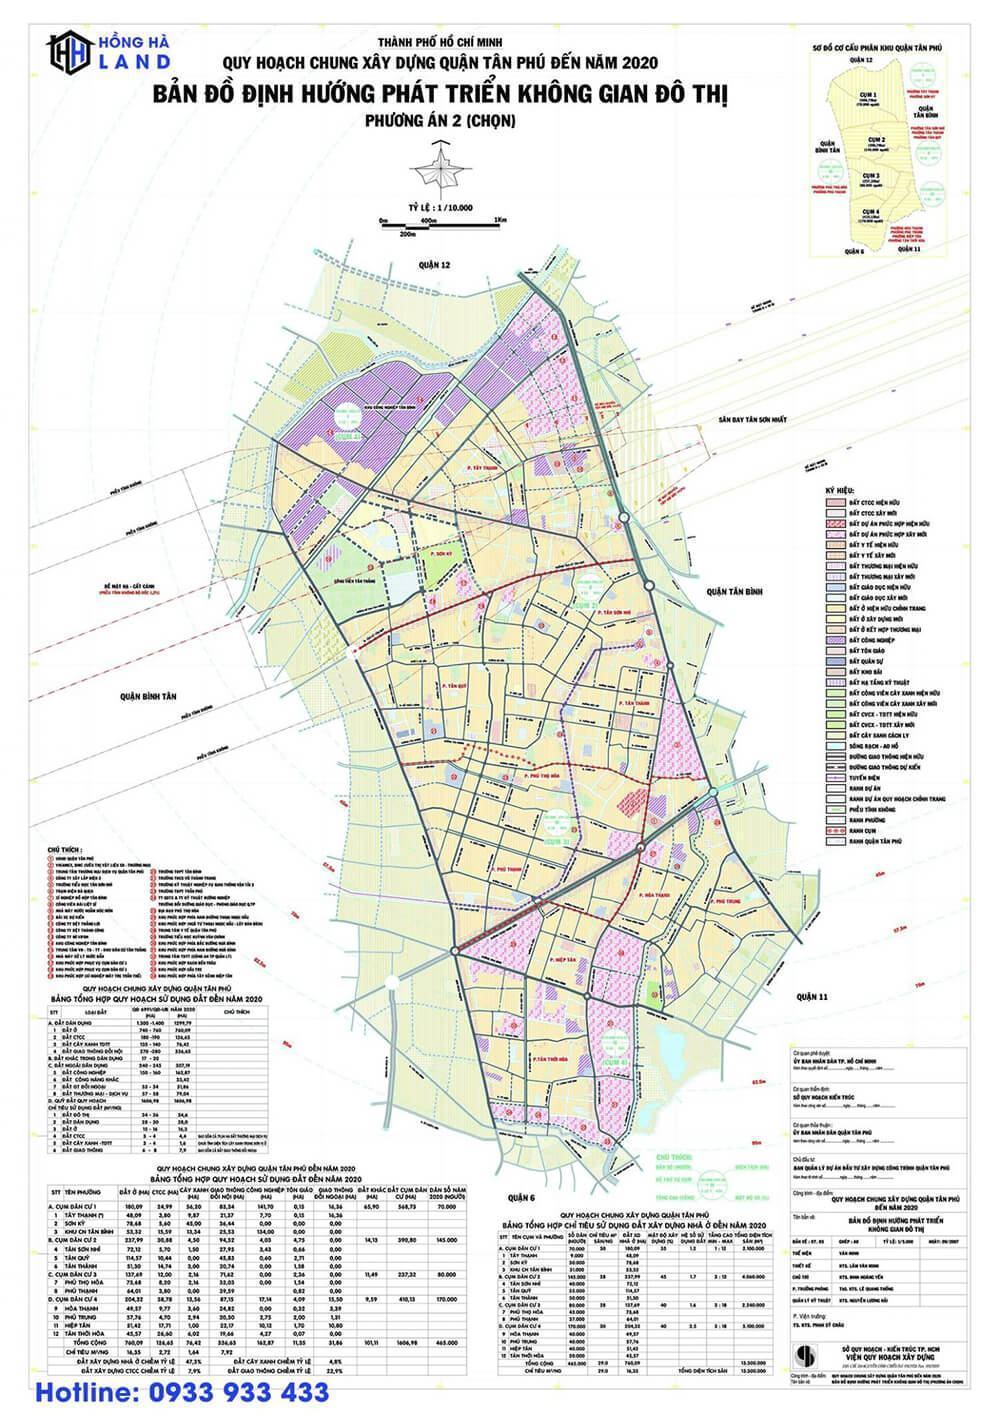 Bản đồ quy hoạch Quận Tân Phú mới nhất 2020